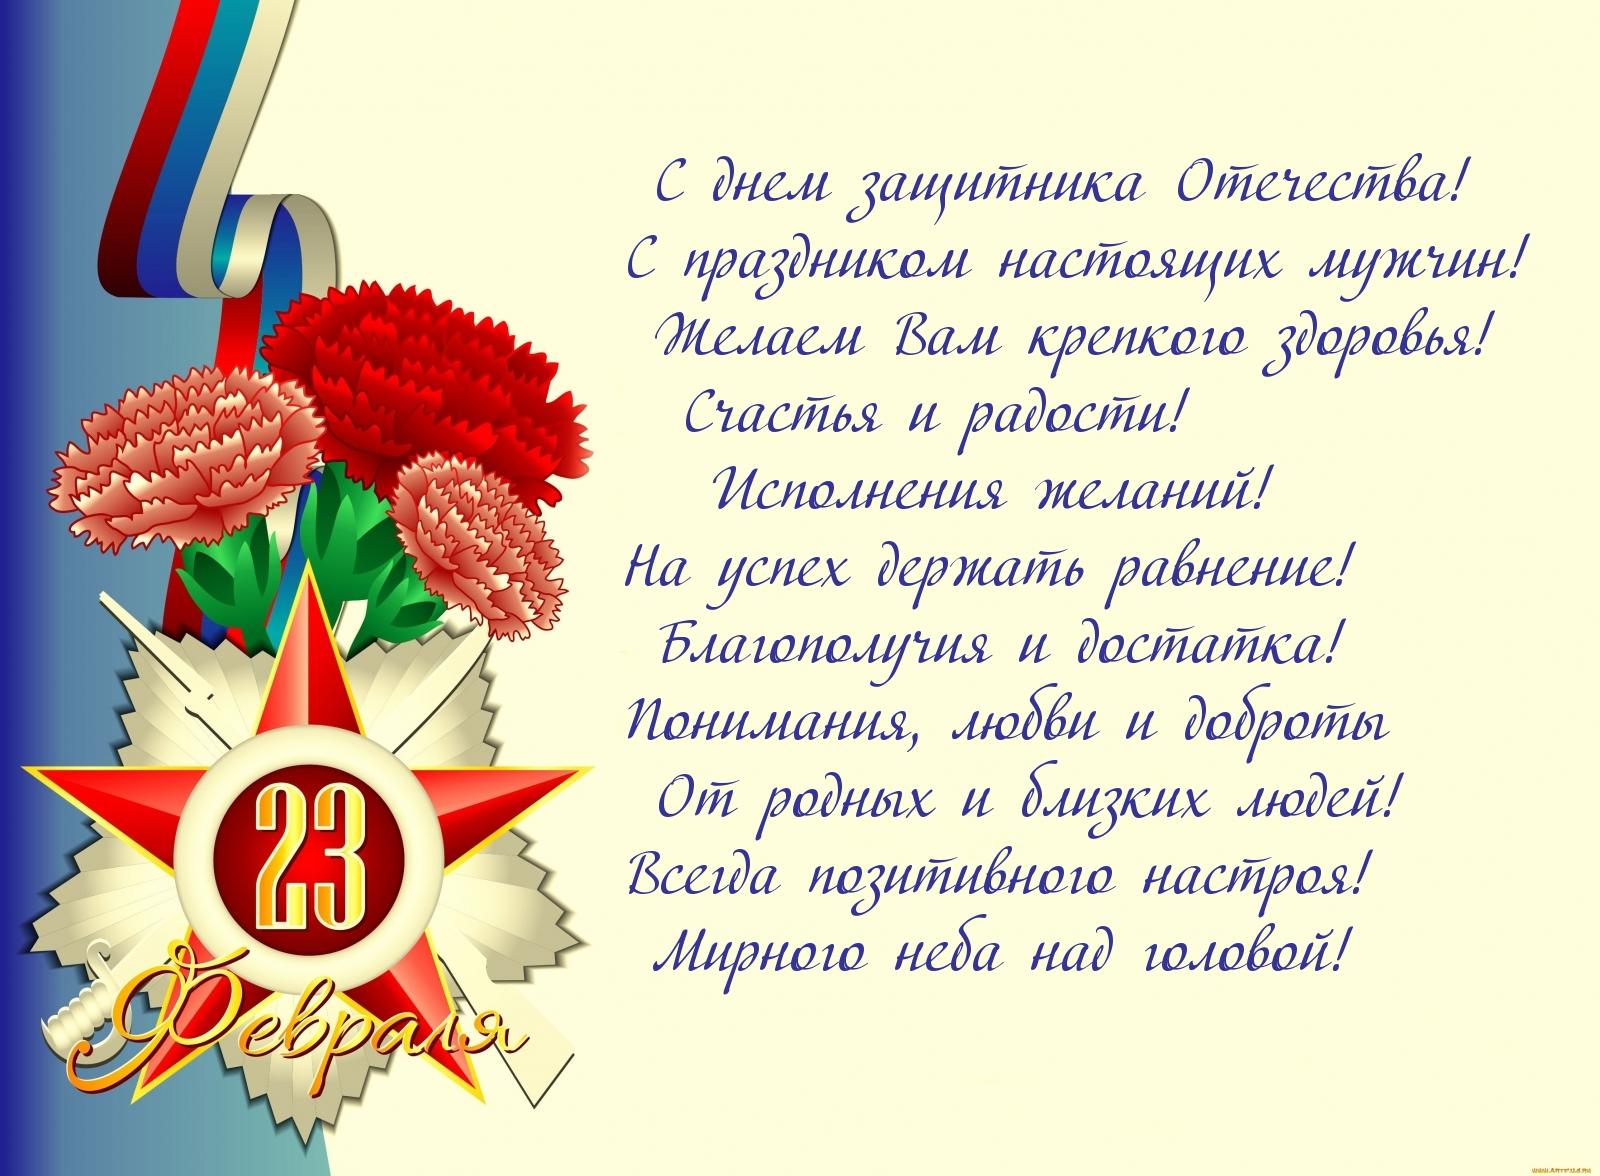 Картинки с надписями С днем защитника Отечества! 23 февраля